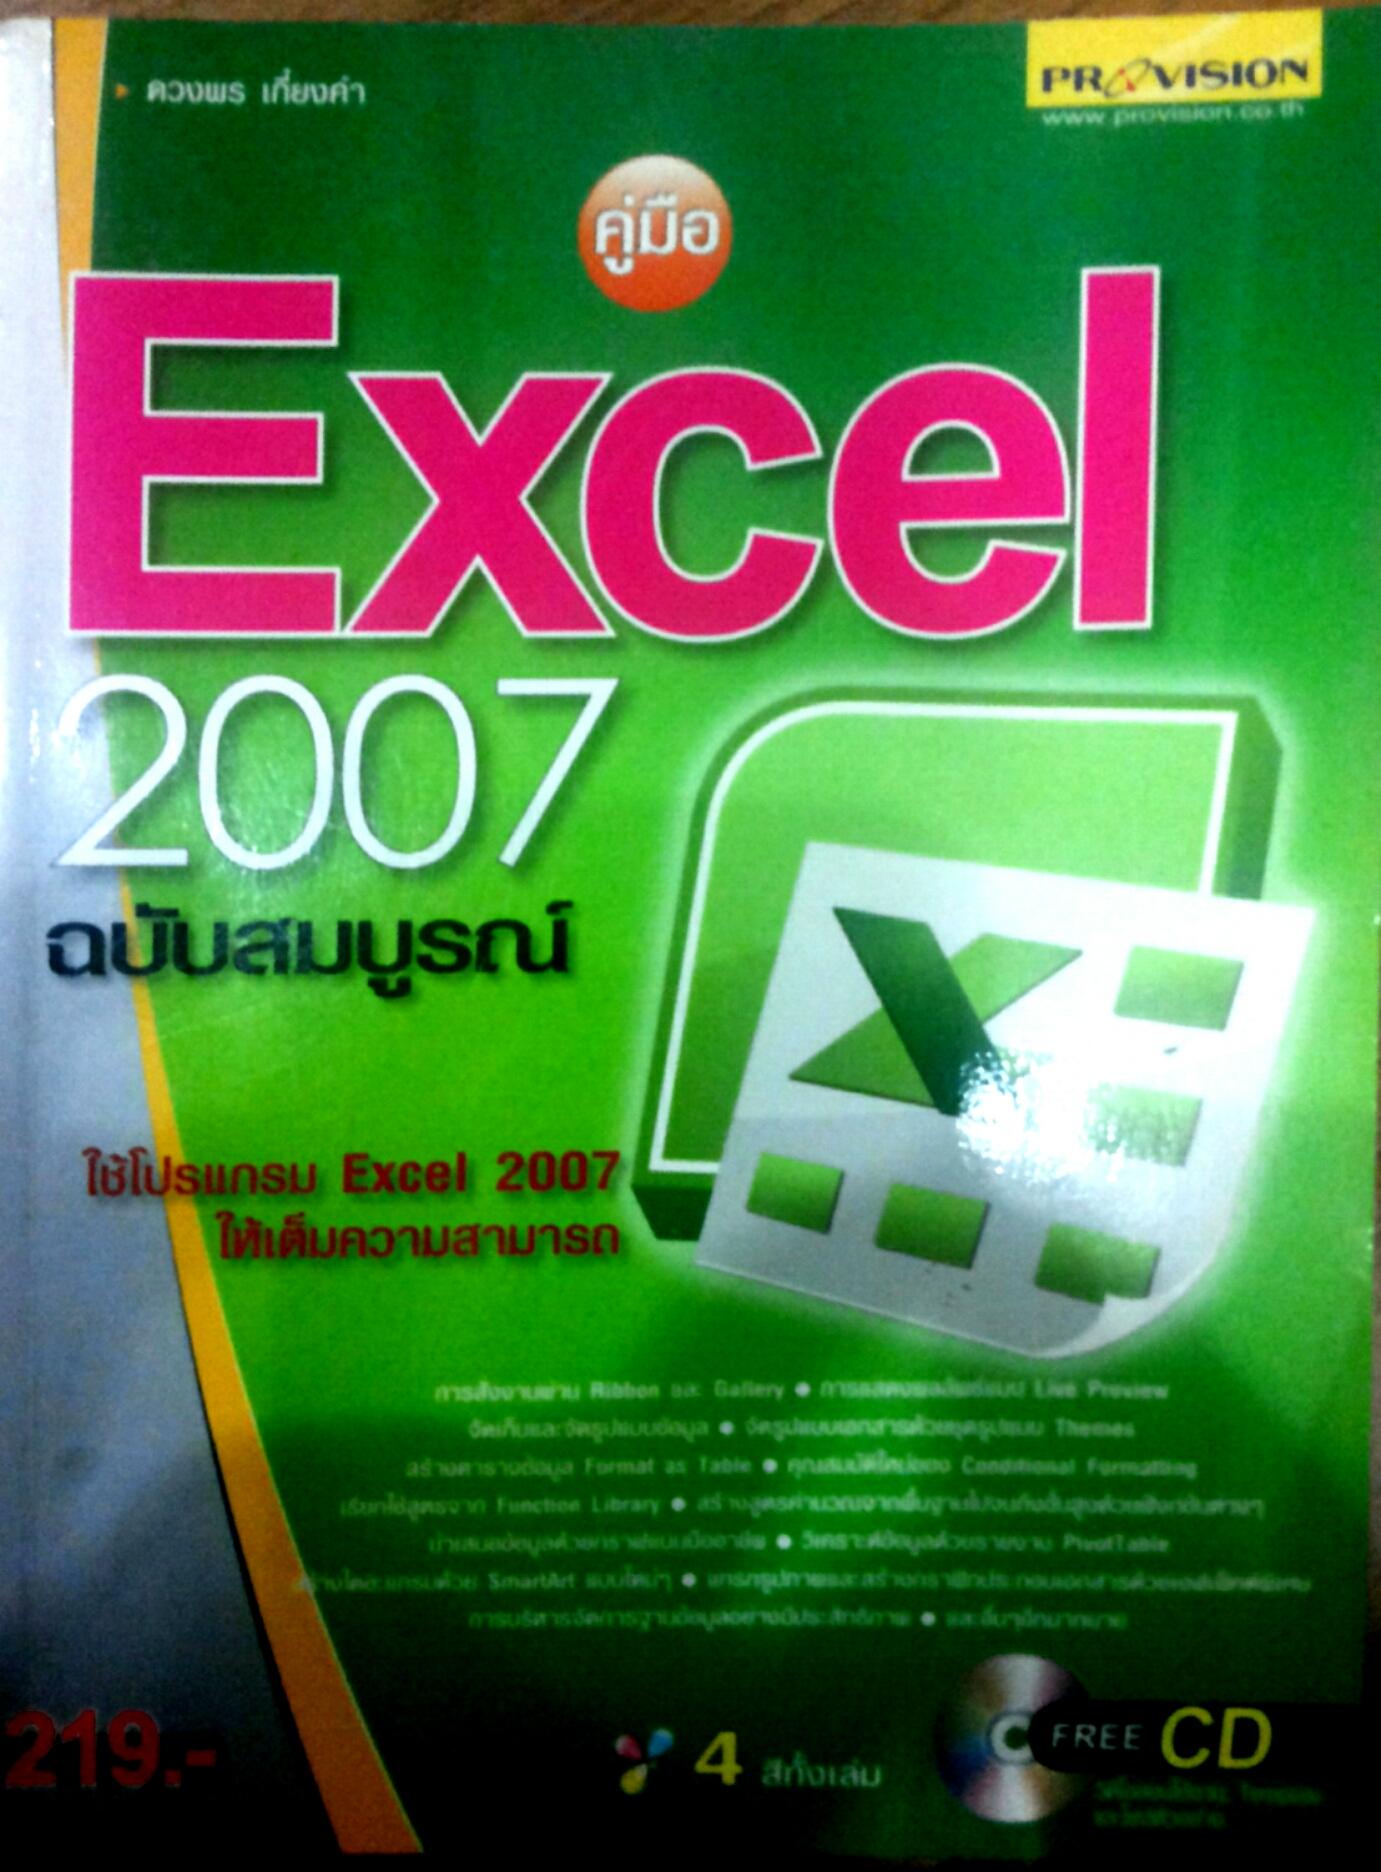 คู่มือ Excel 2007 ฉบับสมบูรณ์